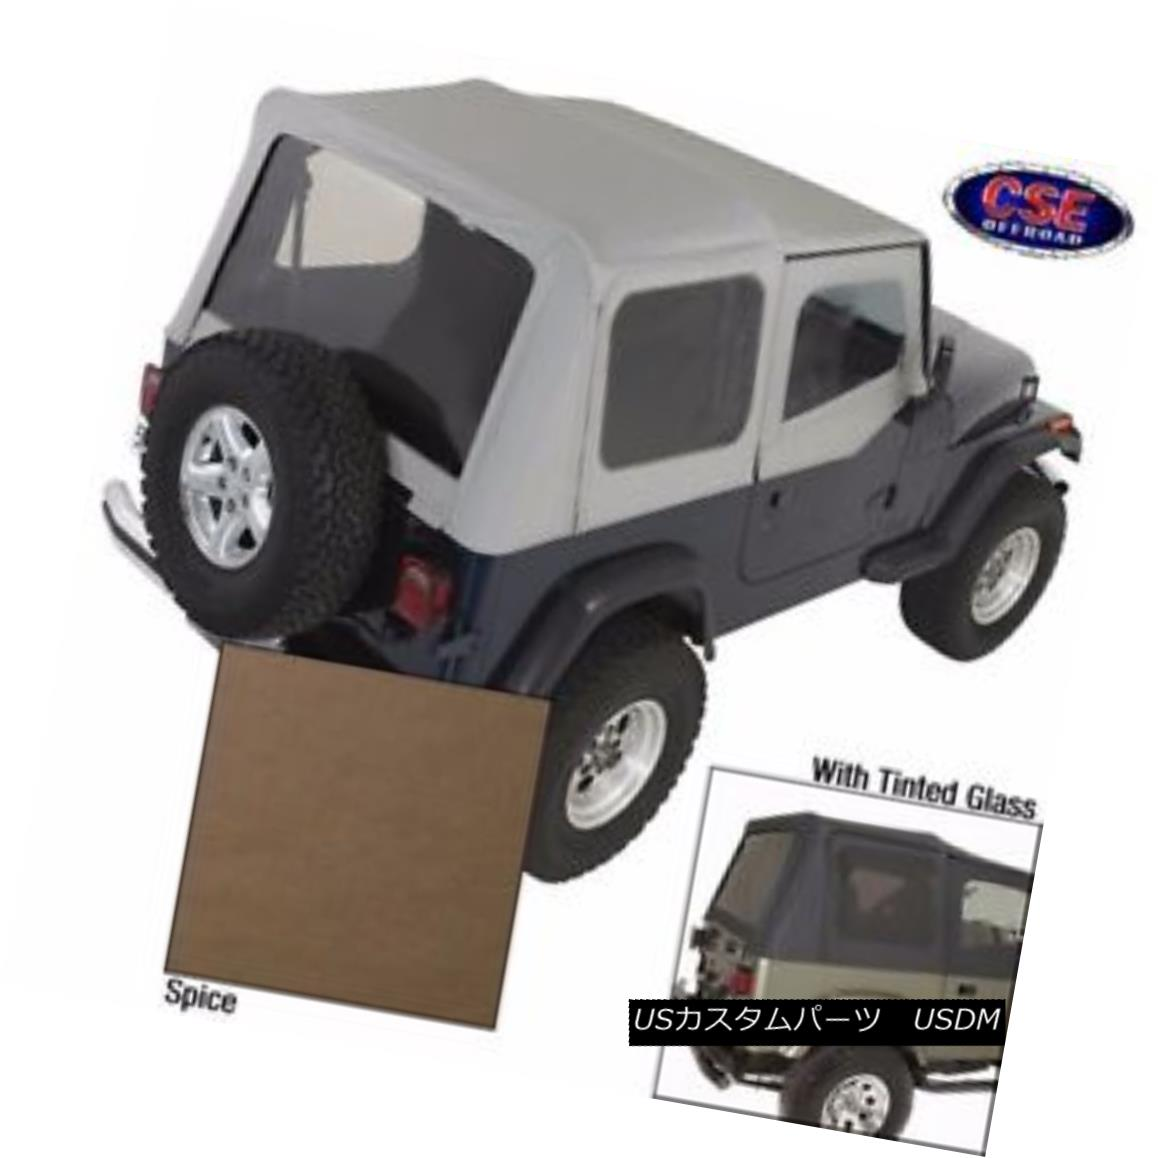 幌・ソフトトップ Soft Top Door Skins Spice Tinted Windows Jeep Wrangler YJ 88-95 13702.37 ソフトトップドアスキンスパイスティントドウィンドウジープラングラーYJ 88-95 13702.37